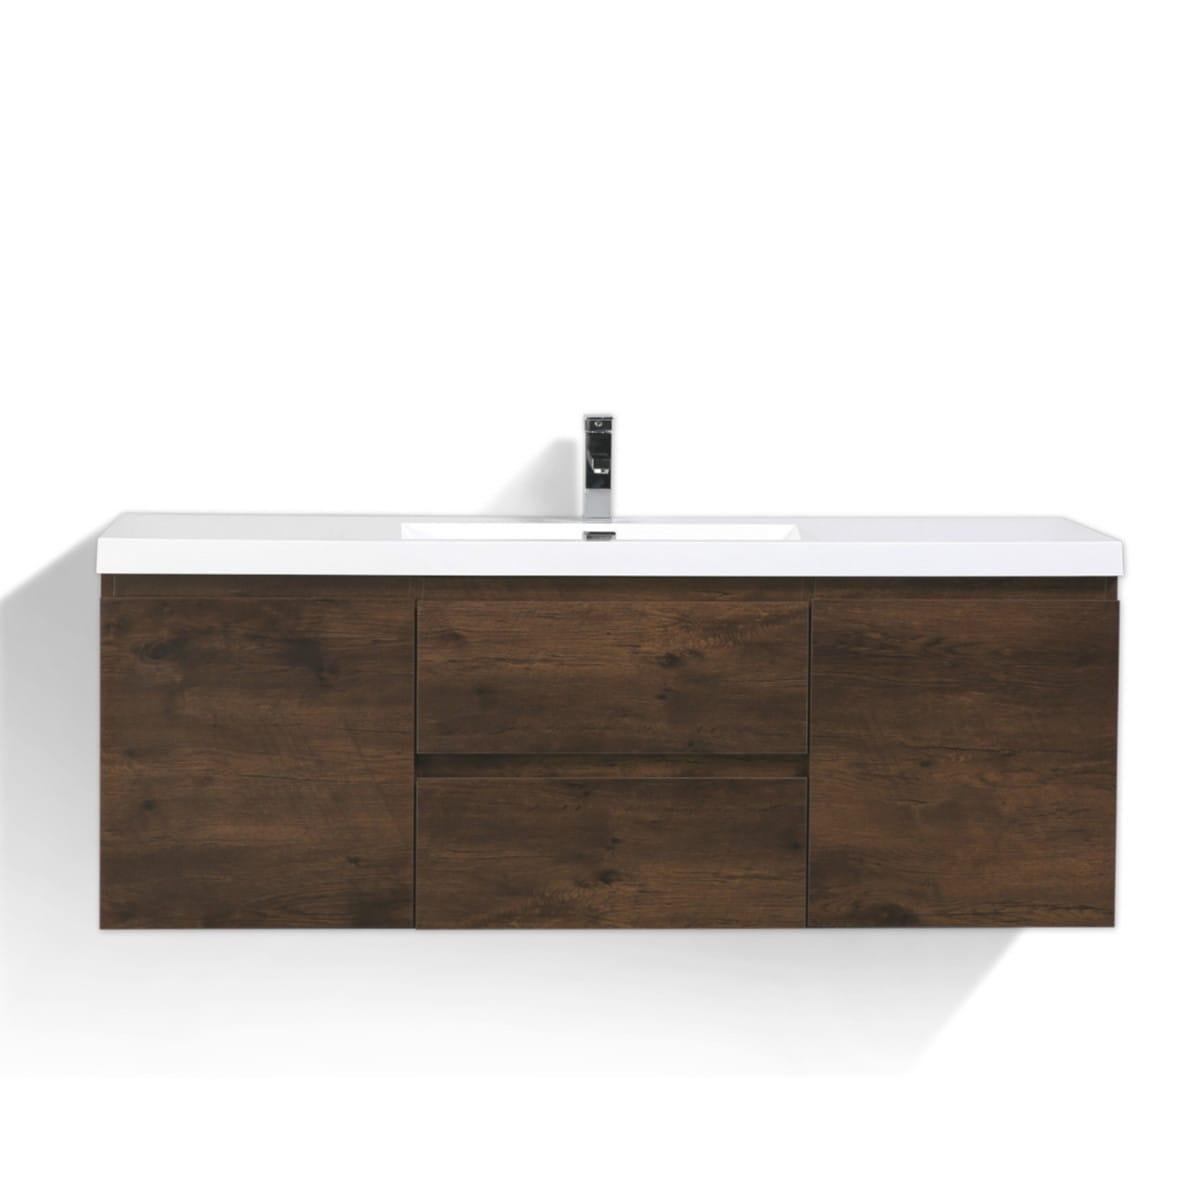 51 60 Inches Bathroom Vanities U0026 Vanity Cabinets For Less | Overstock.com